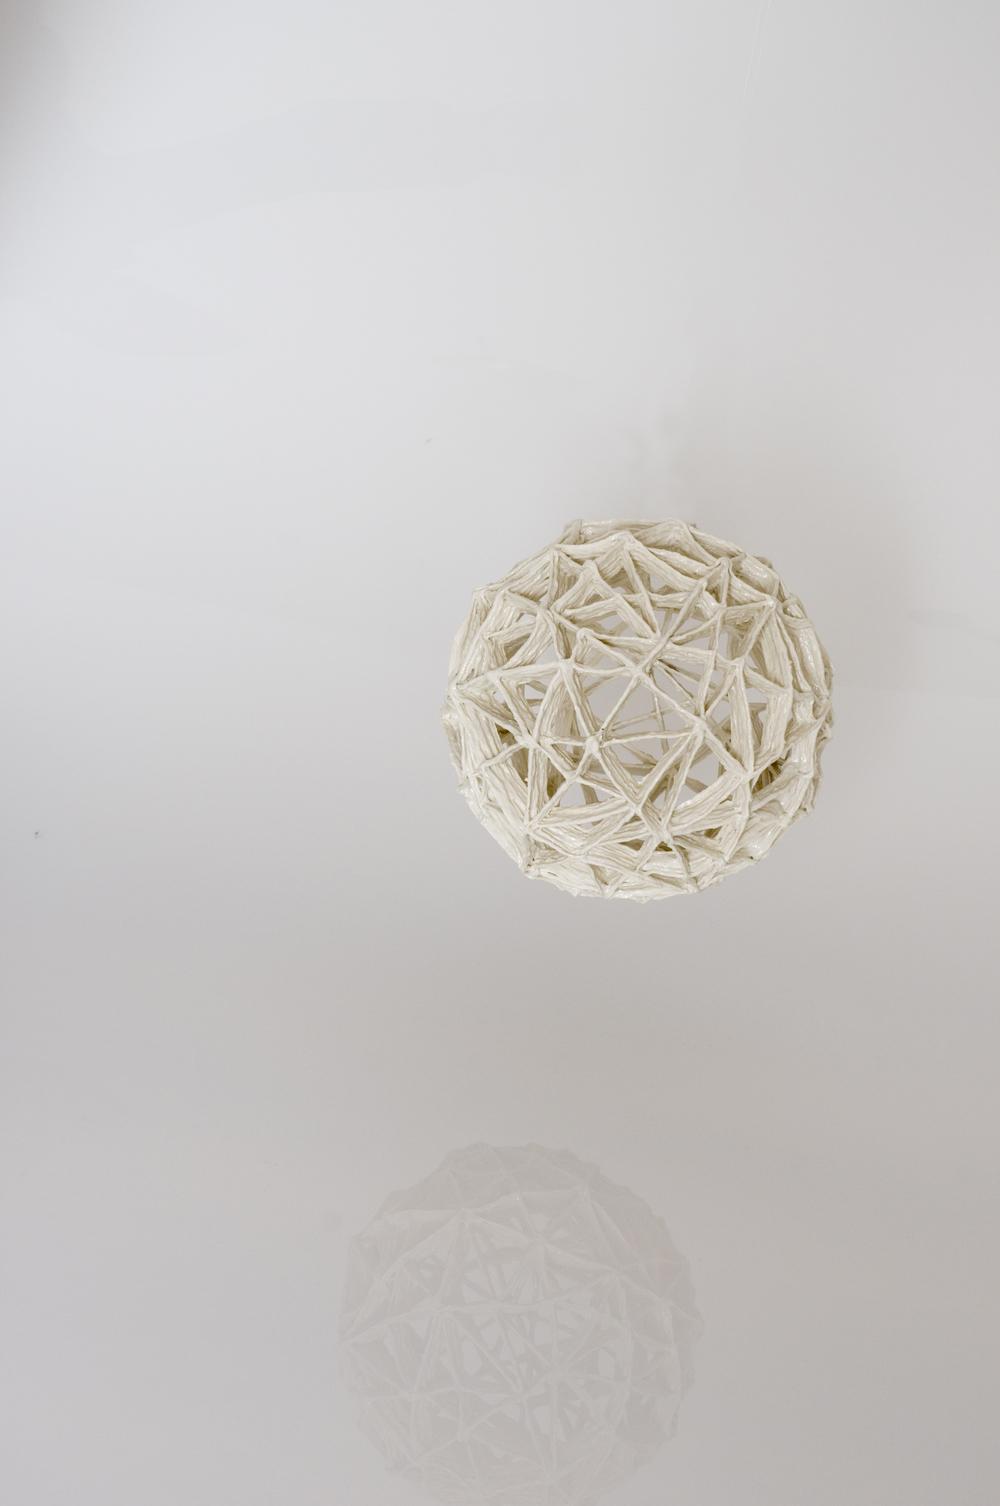 Fachwerkkugel lattice spere d 15 cm image: Natalie Williams